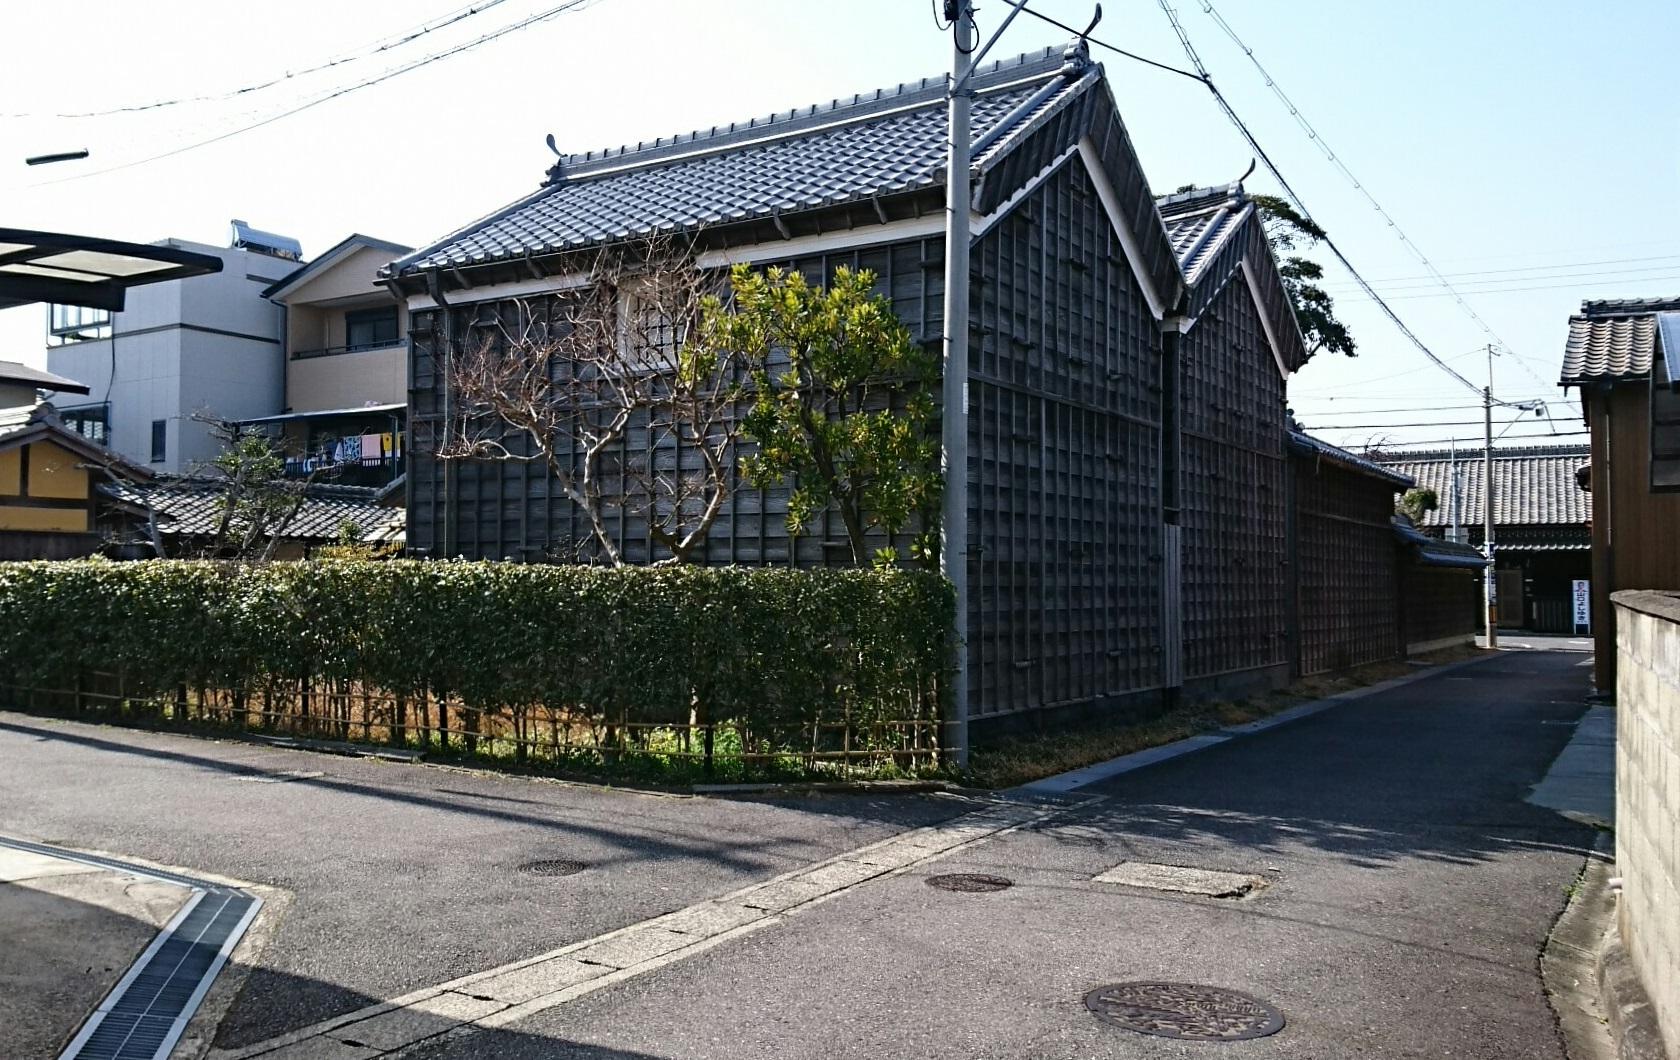 2018.3.13 白子 (60) 白子 - 伊勢型紙資料館(うら) 1680-1060